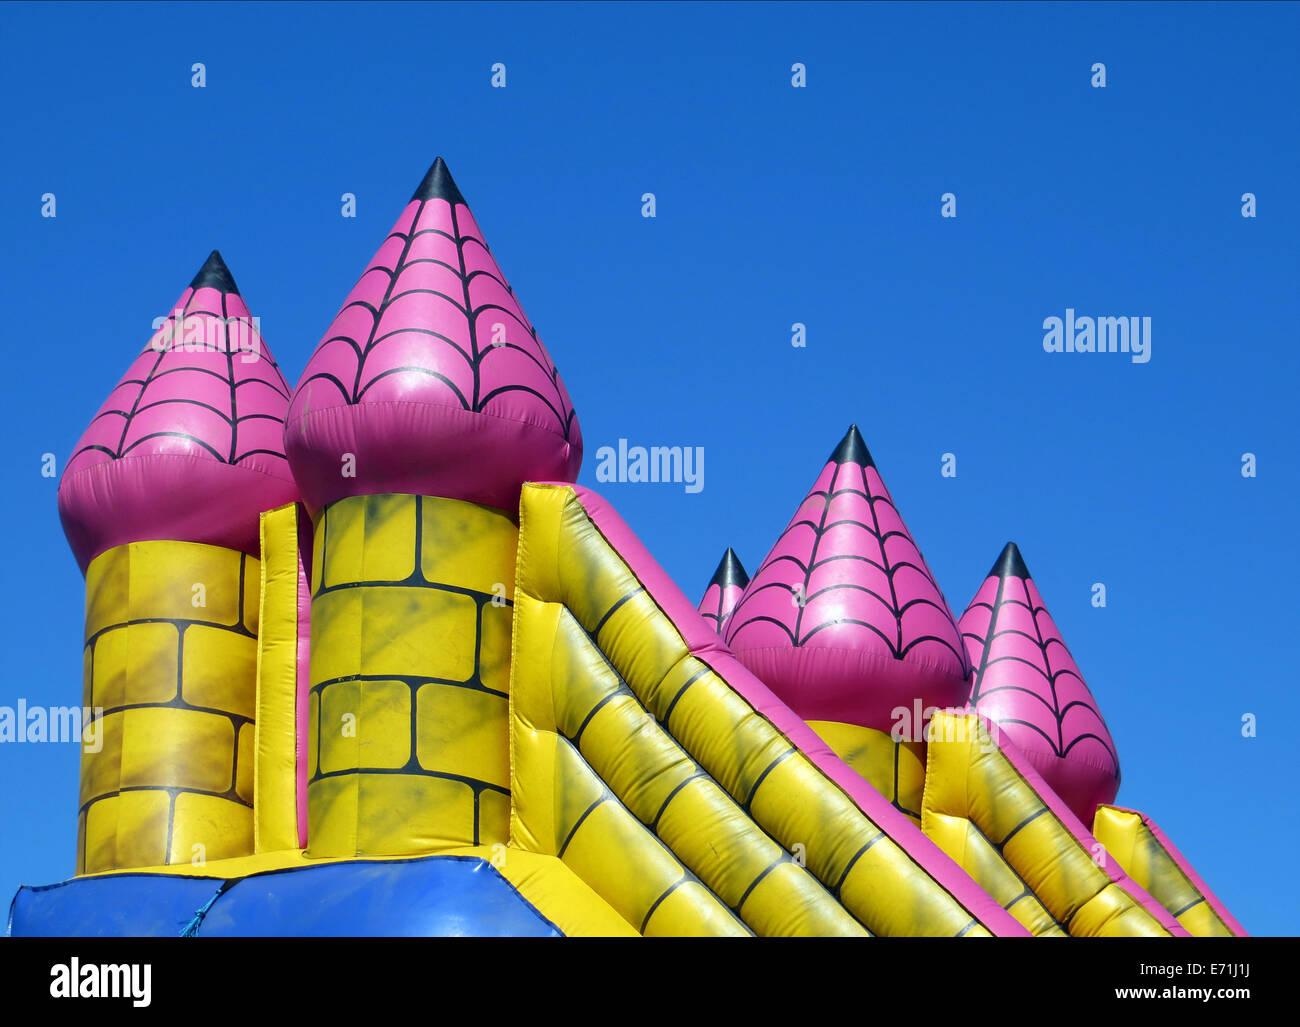 Detailansicht der bunten Türme auf aufblasbare Hüpfburg Stockbild